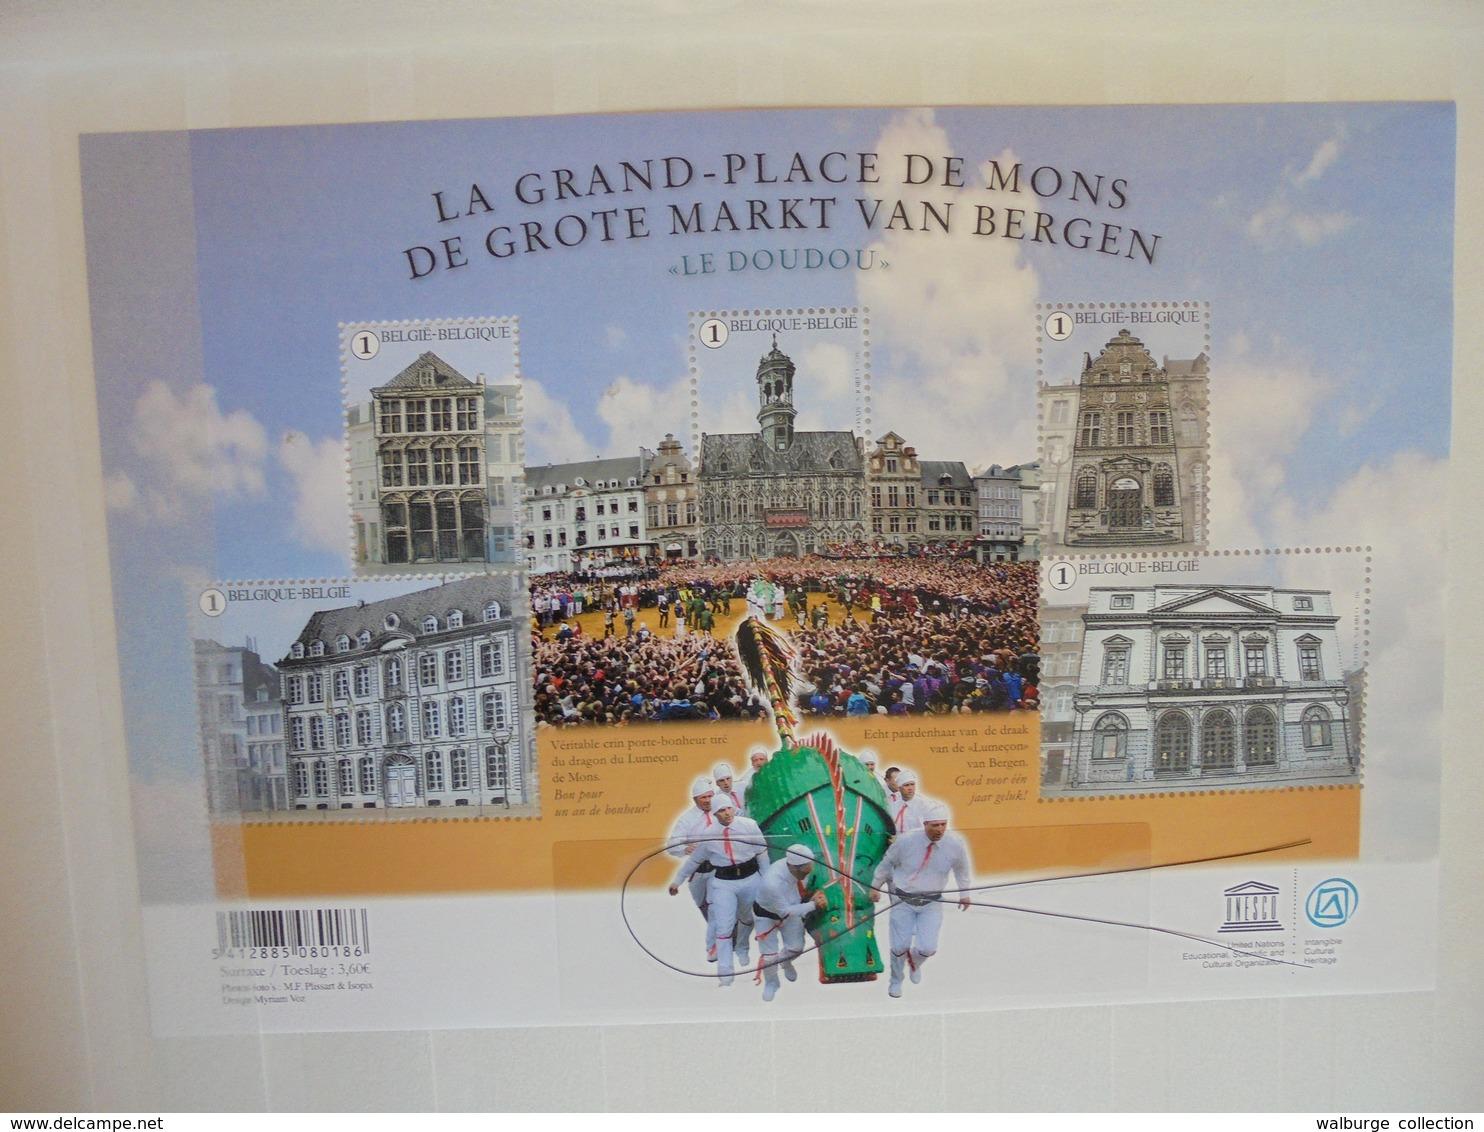 BELGIQUE 2009-2016(TOUT EN NEUF) +- 1350 EURO DE FACIALE !!! (2119) 2 KILOS 300 - Belgique